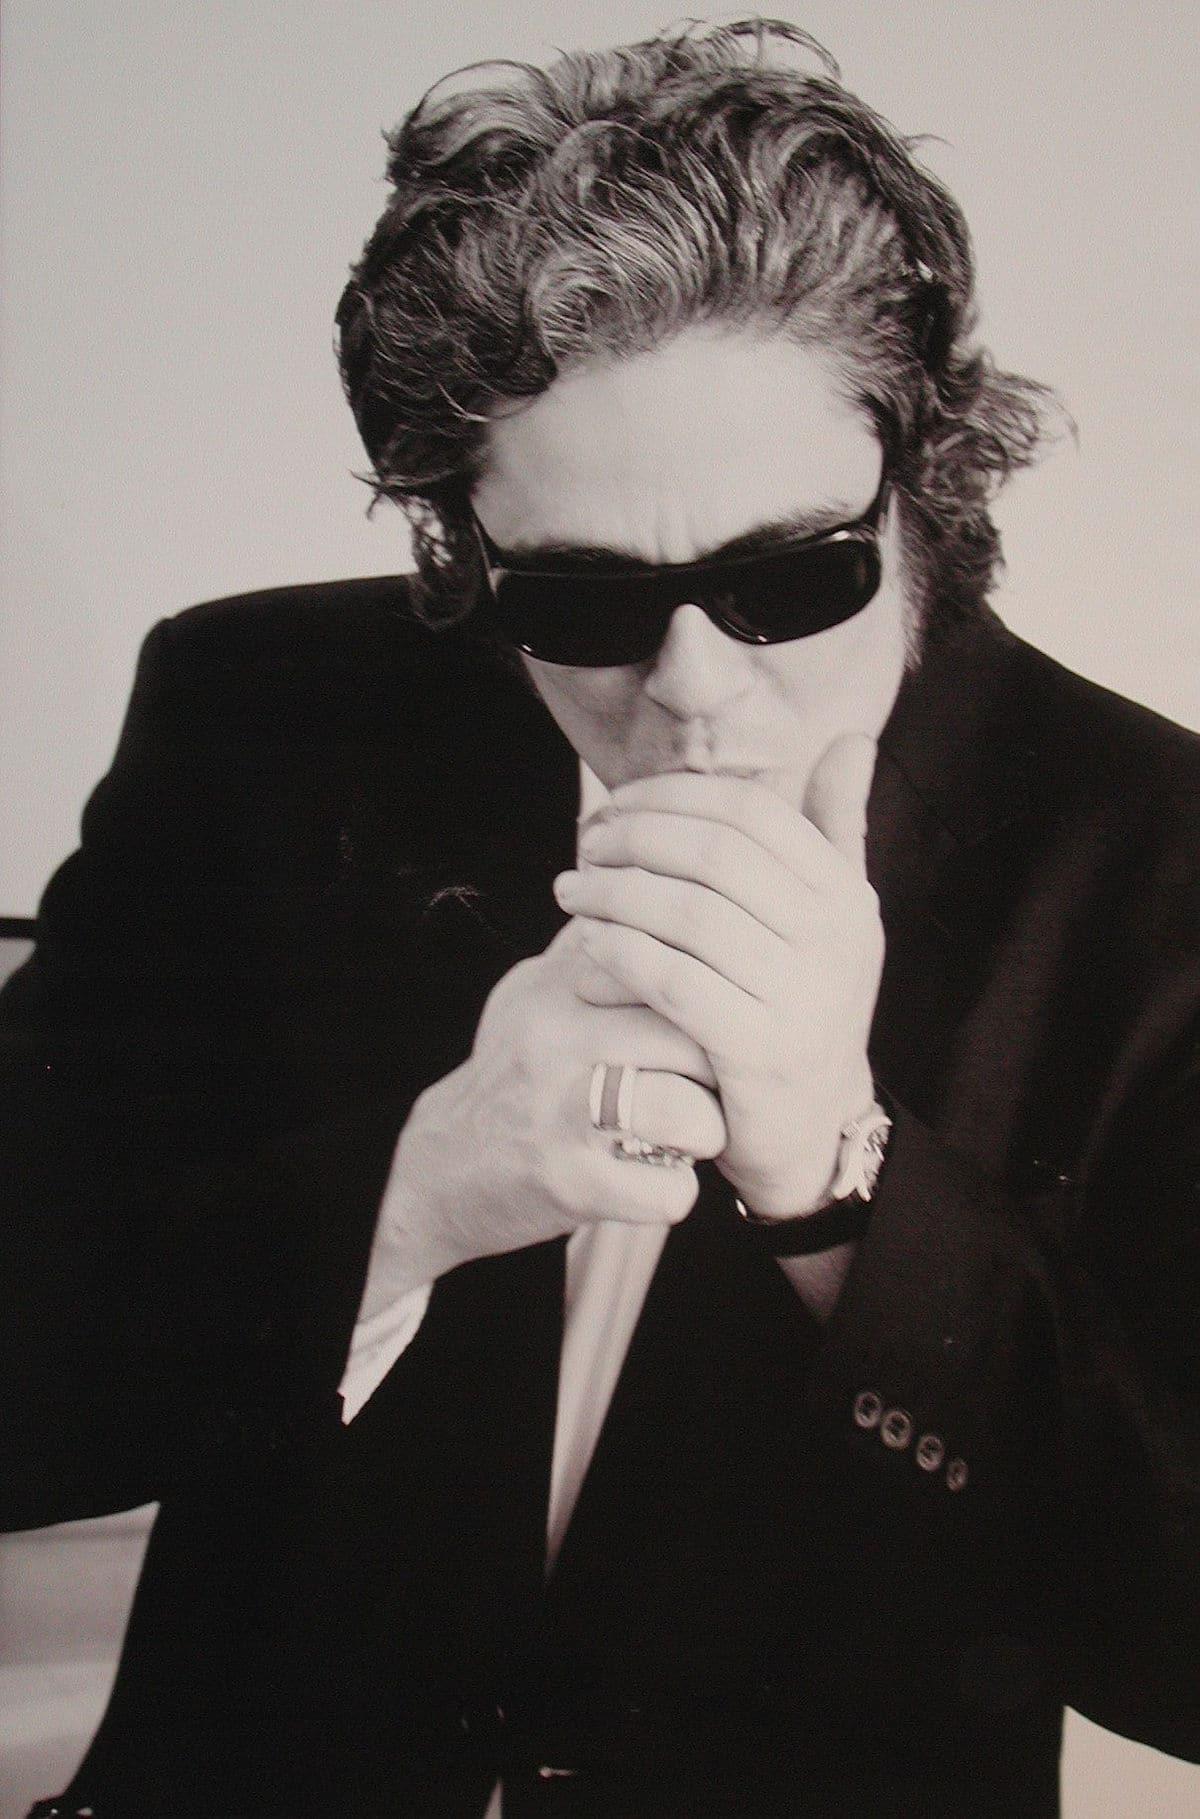 Karl Lagerfeld Photograph of Benicio del Toro